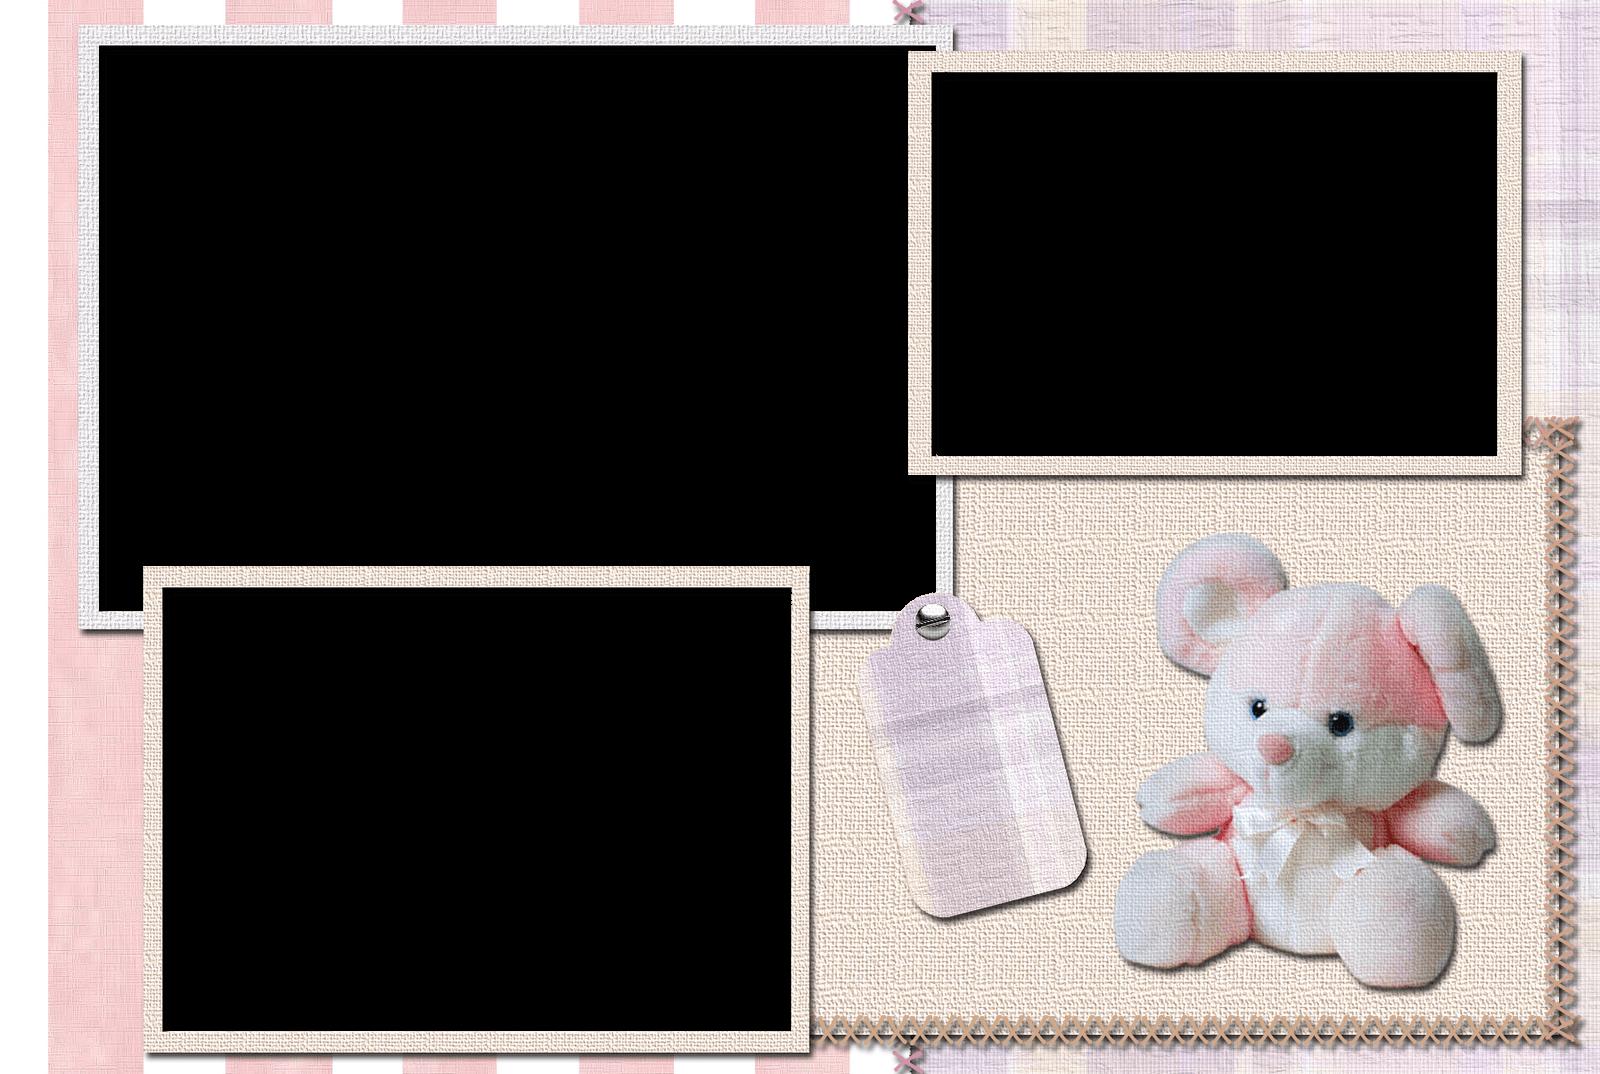 Marcos fotos de beb s descargar marcos - Marcos de fotos pared ...